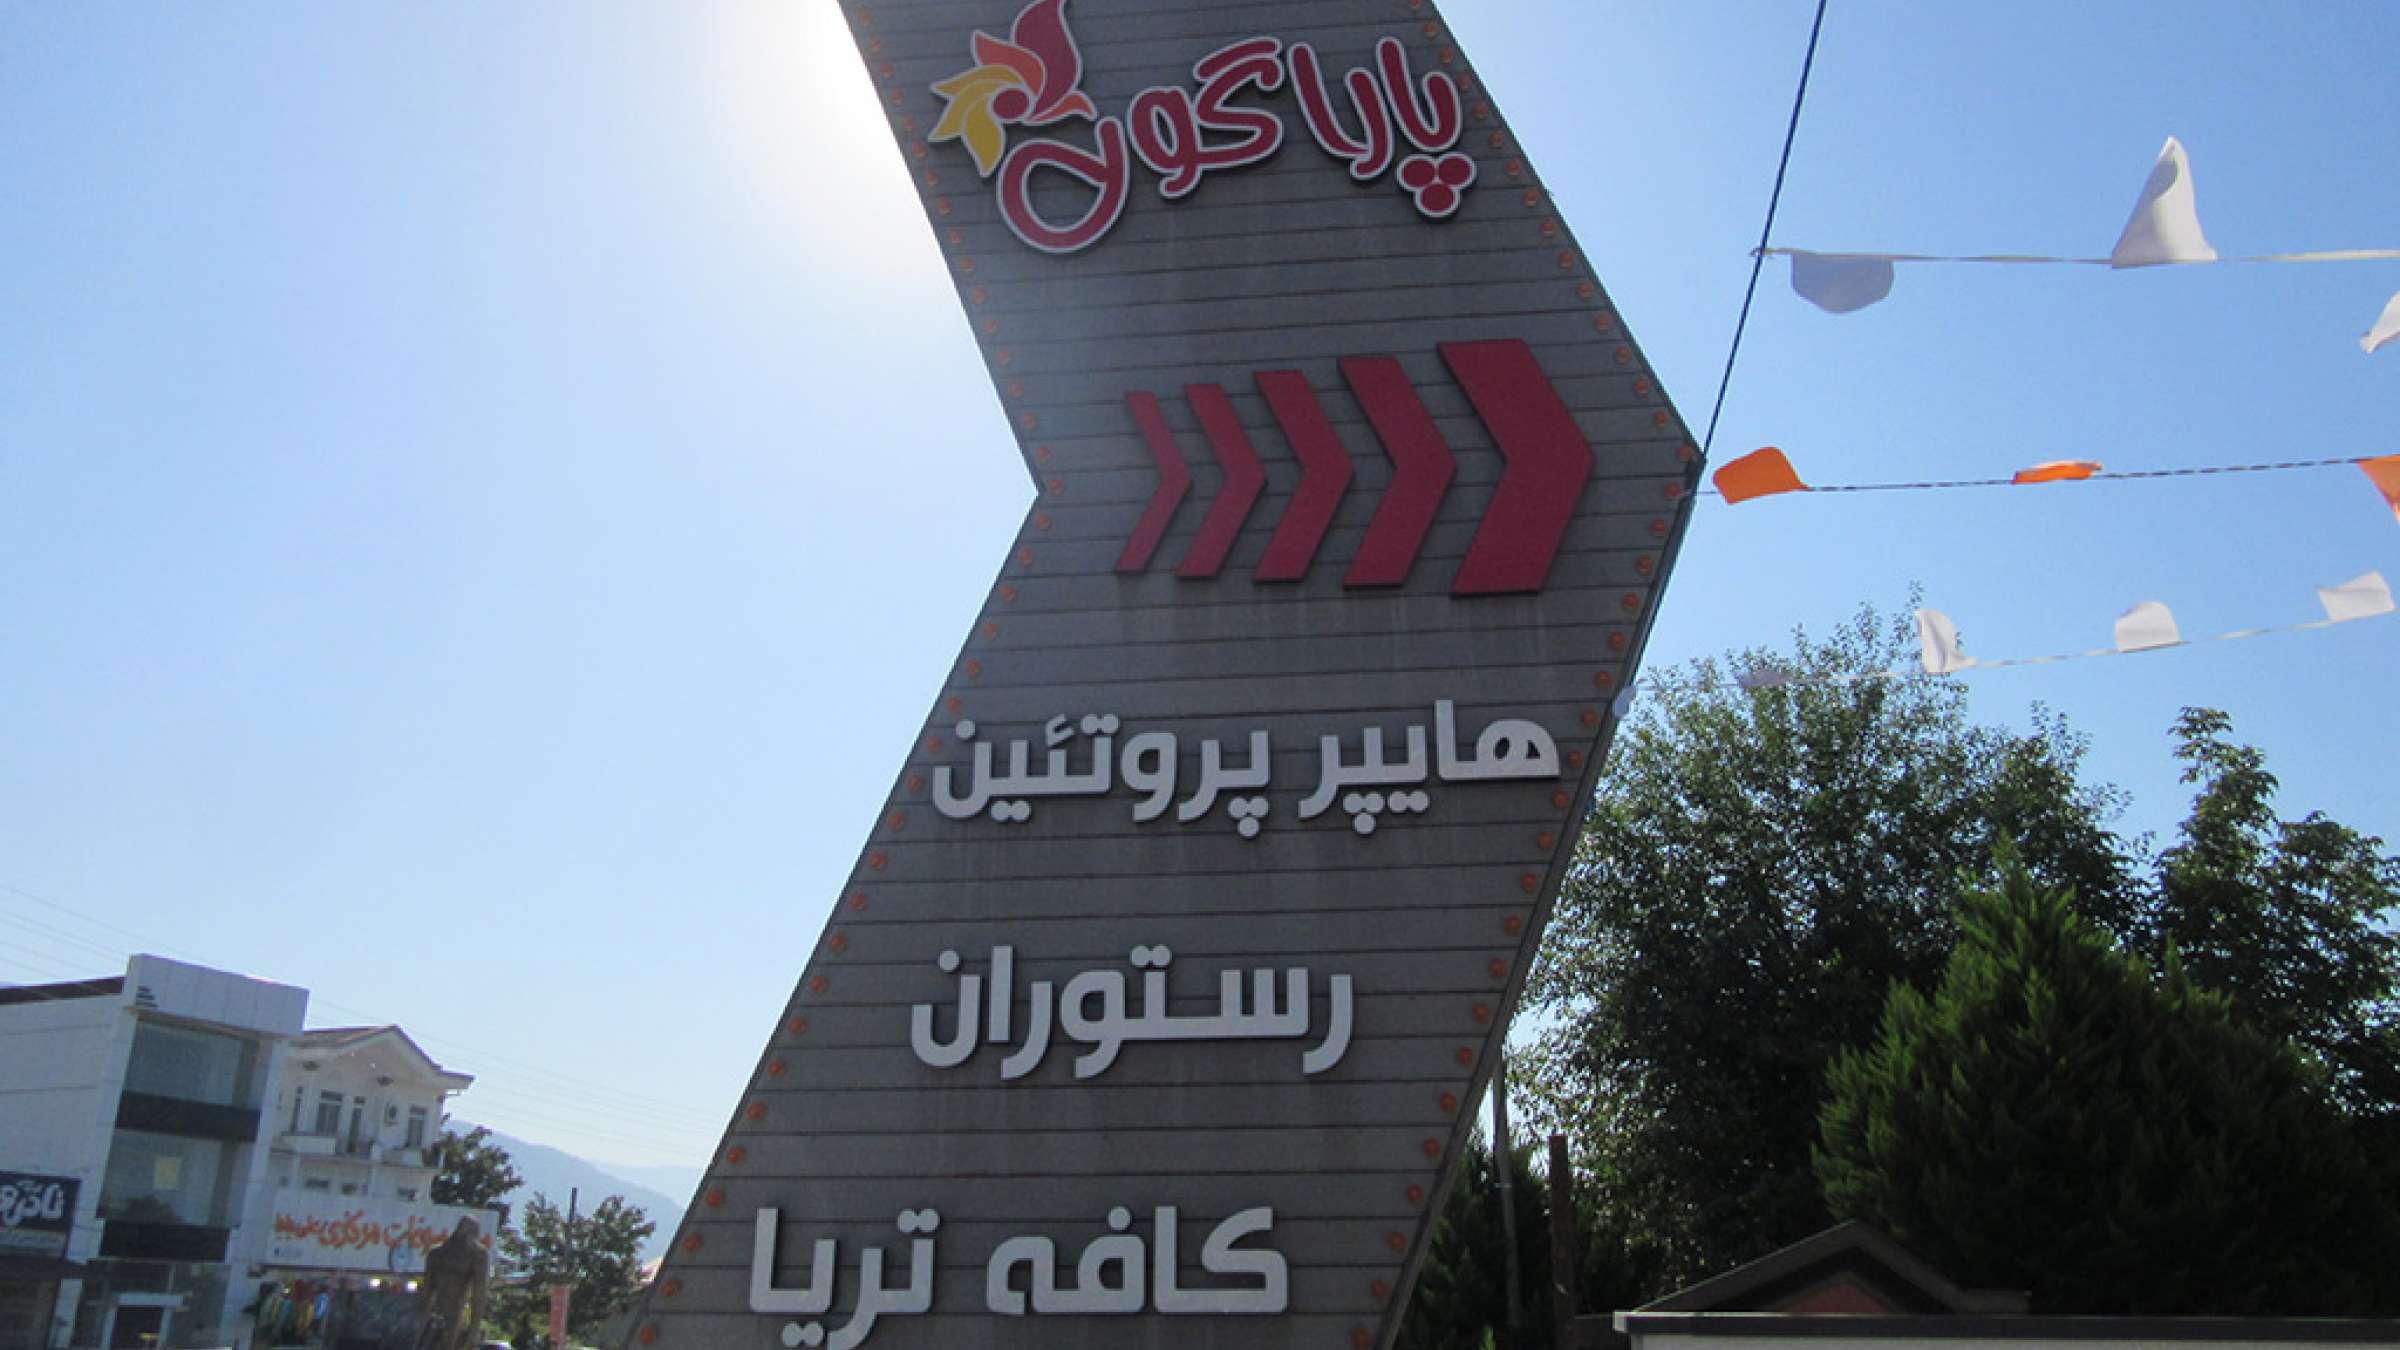 ادبیات-گلمحمدی-تهران-شهری-بیهویت-هایپر-پروتئین